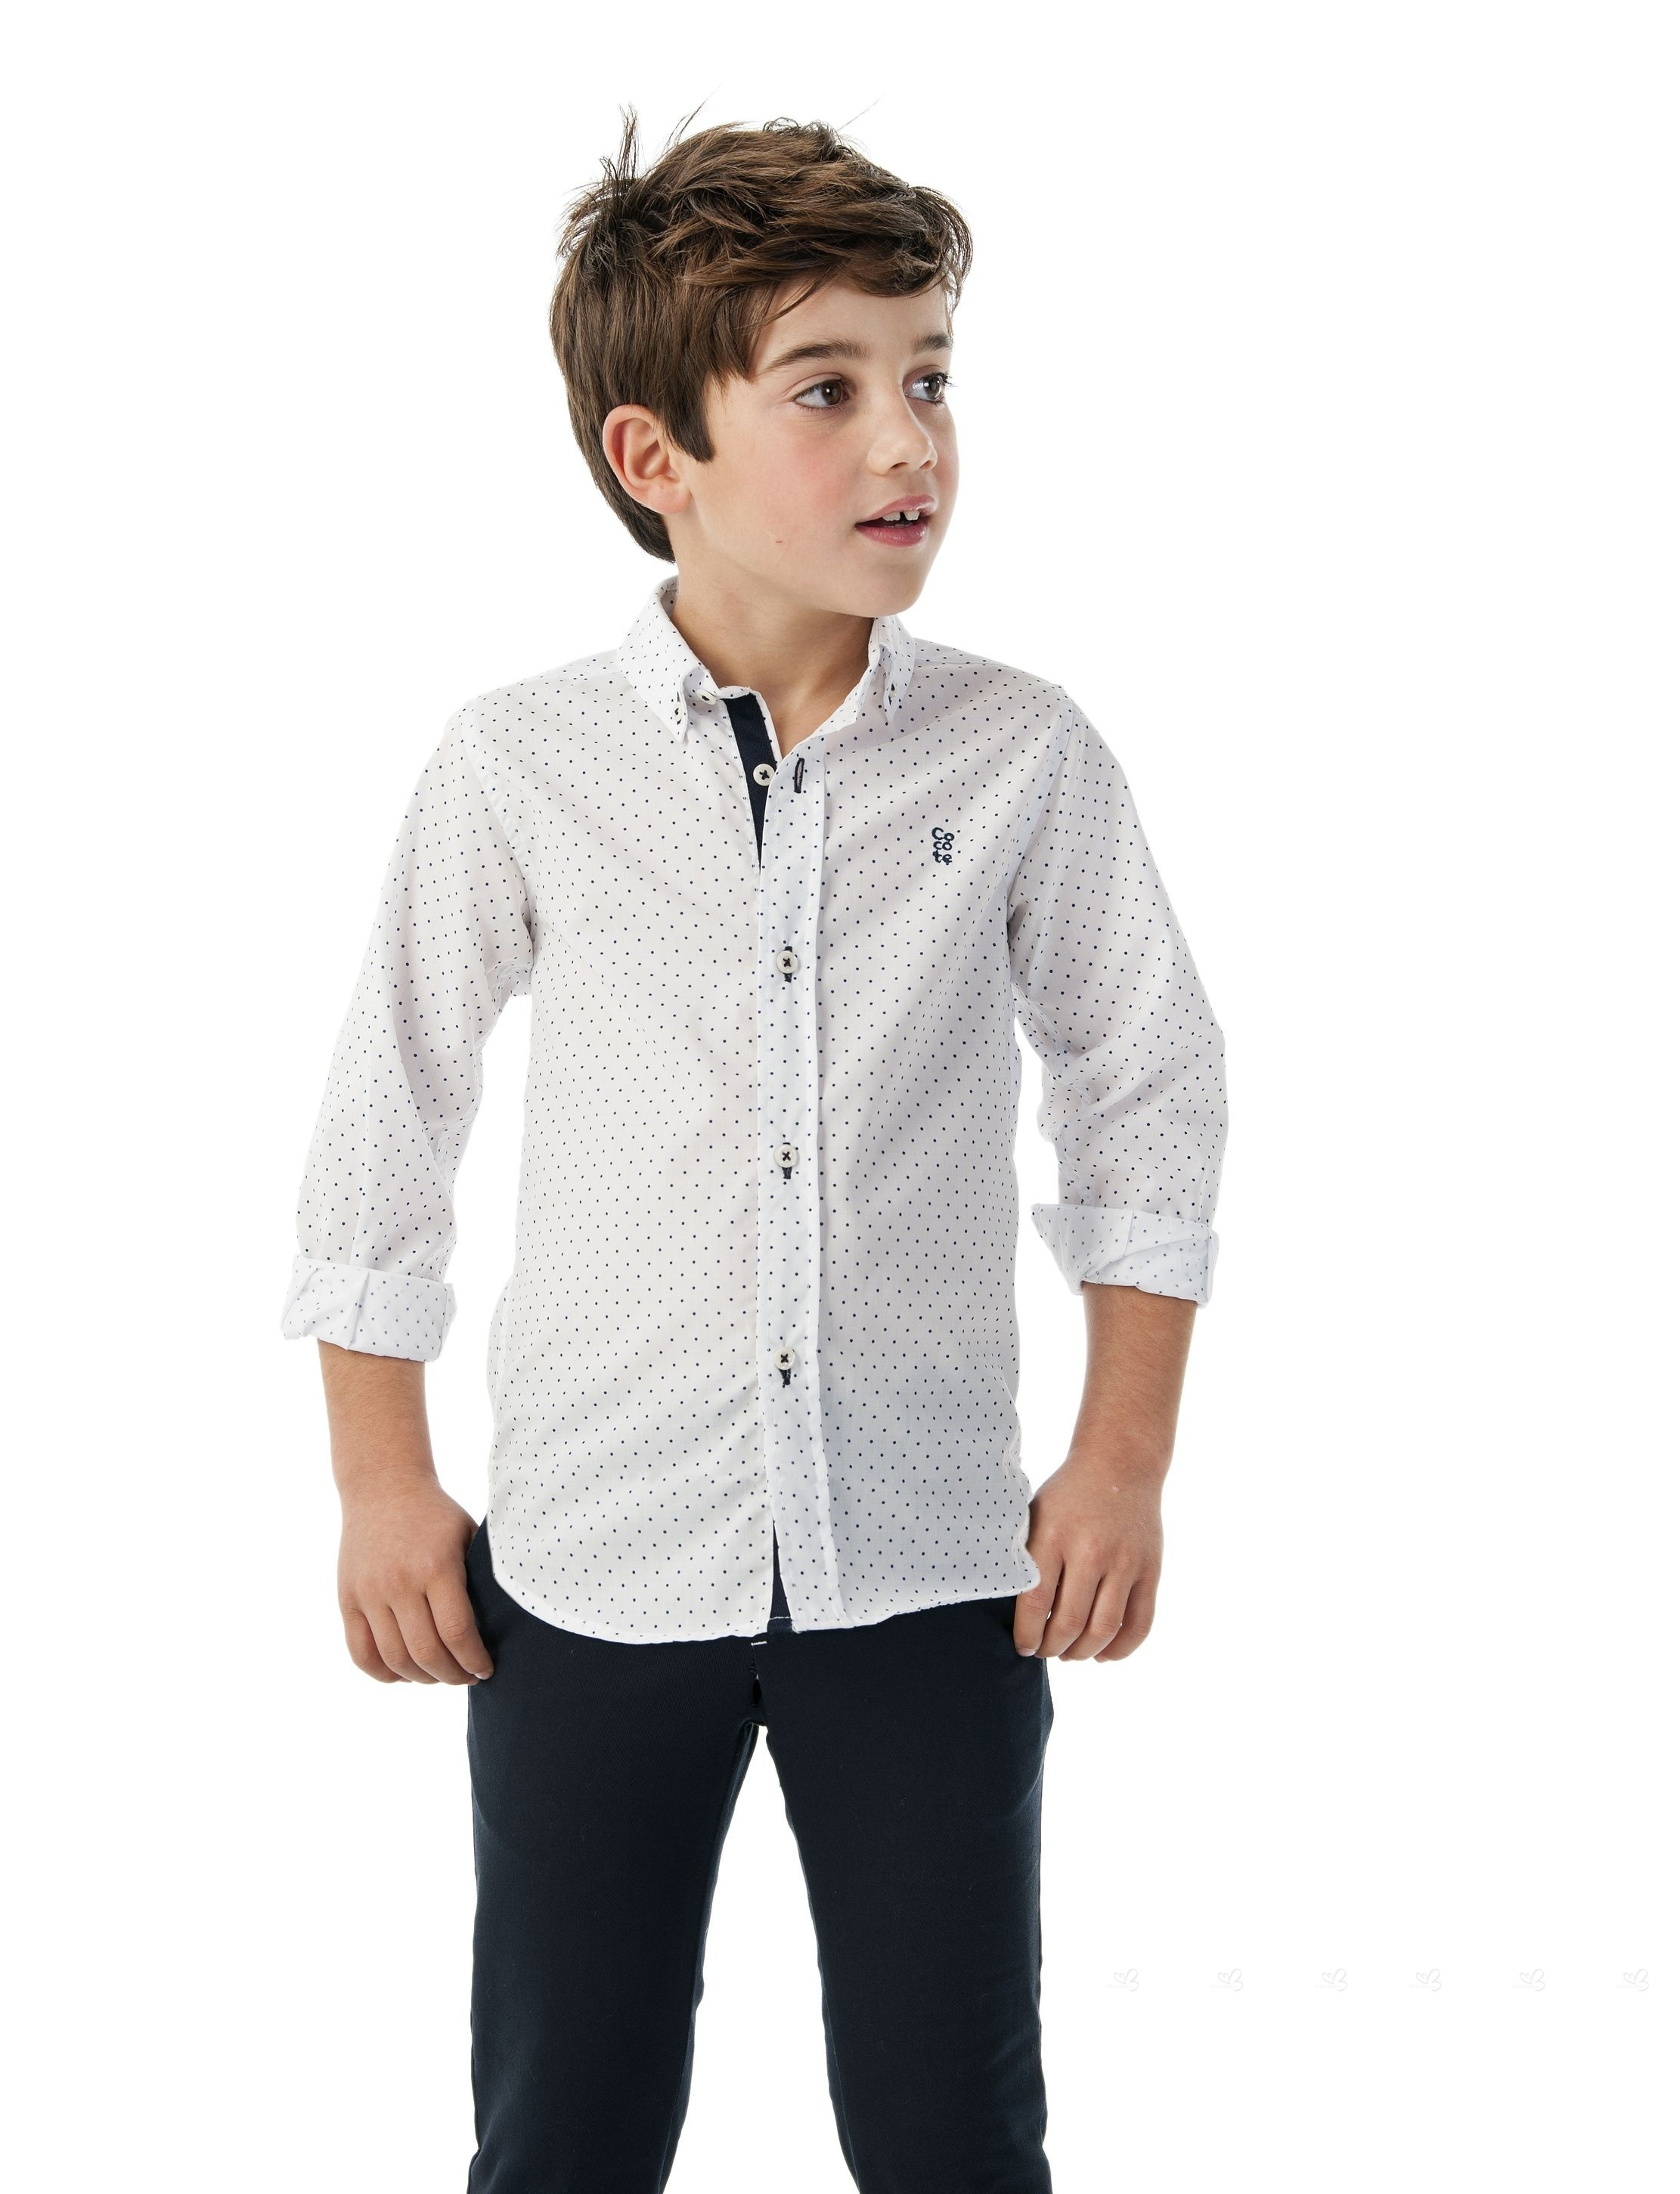 295063a1d ... Cocote Conjunto Niño Camisa Lunares   Pantalón Marino ...